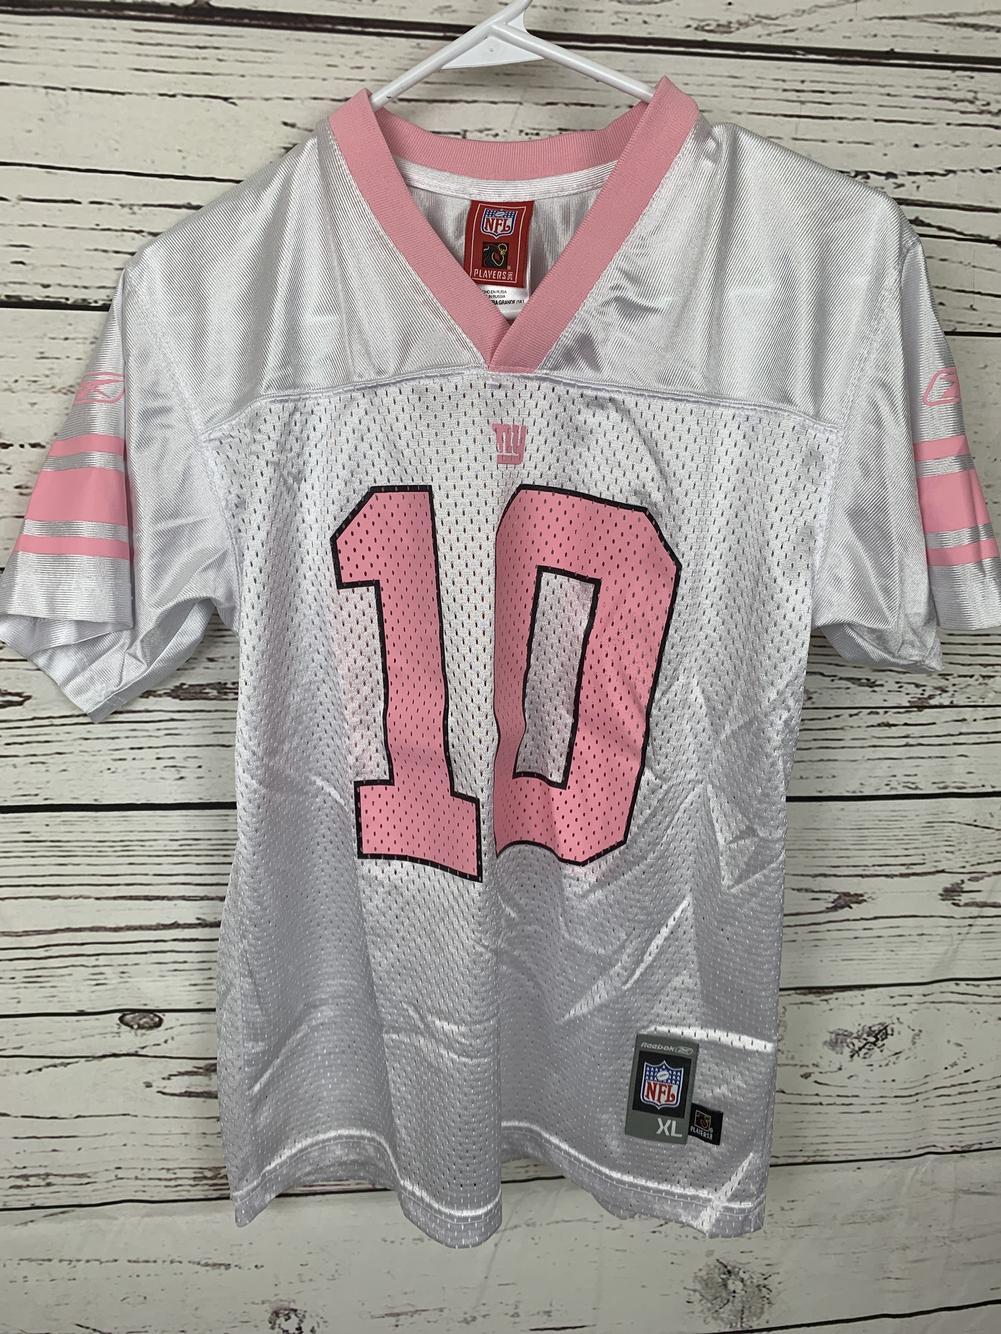 Eli Manning Girls Extra Large NY Giants Reebok Jersey | SidelineSwap